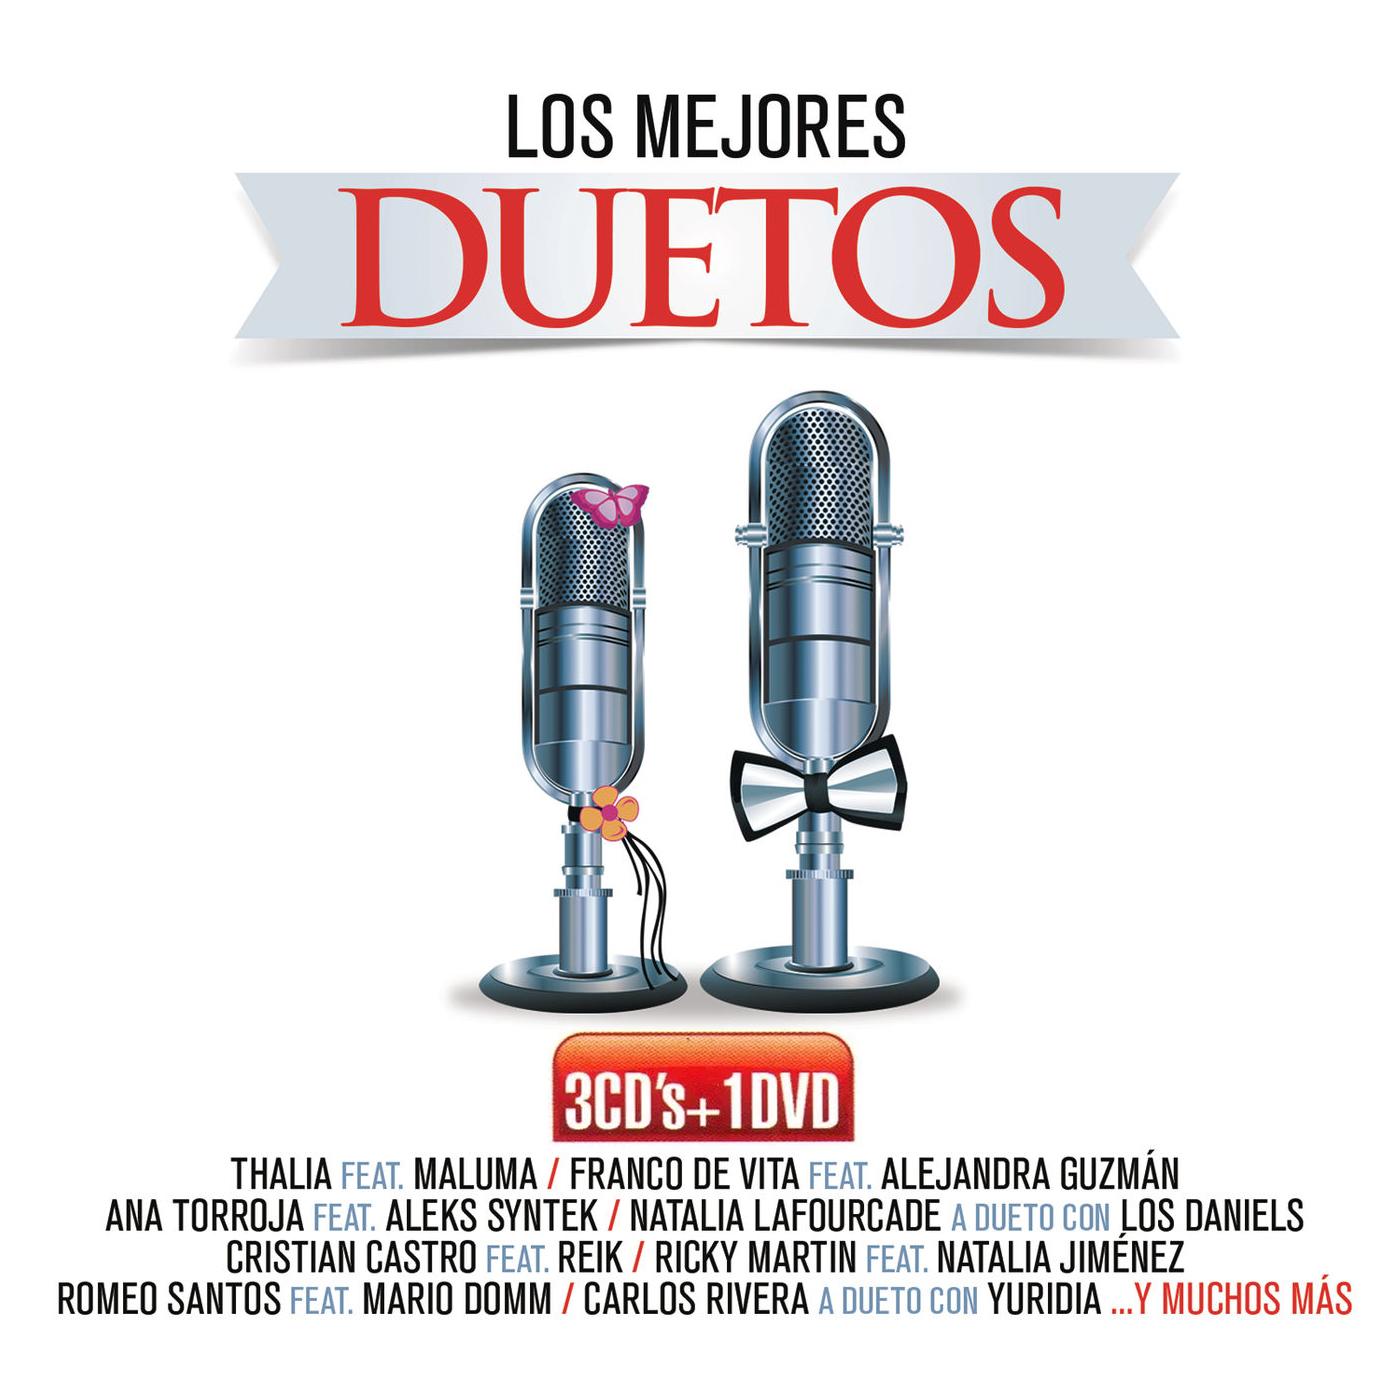 Los mejores duetos 2016 - 3 cd dvd